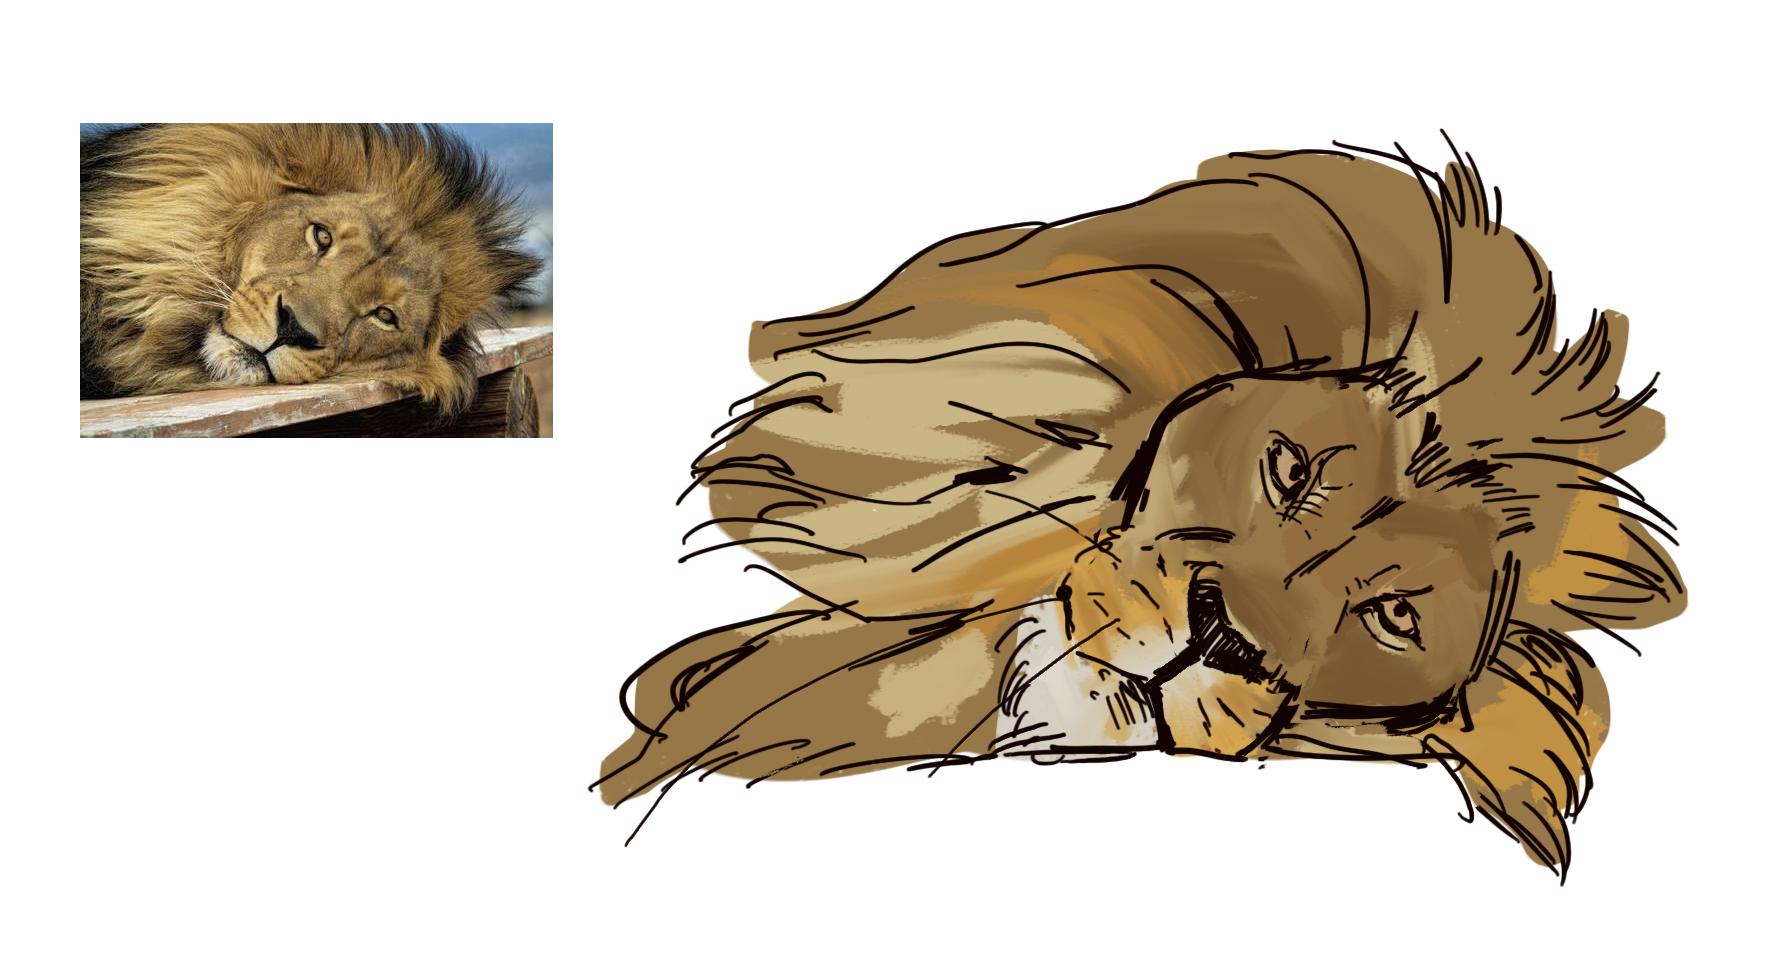 Les croquis de Lama BG - Page 2 Lion2_by_lamanon-dcdzjwa